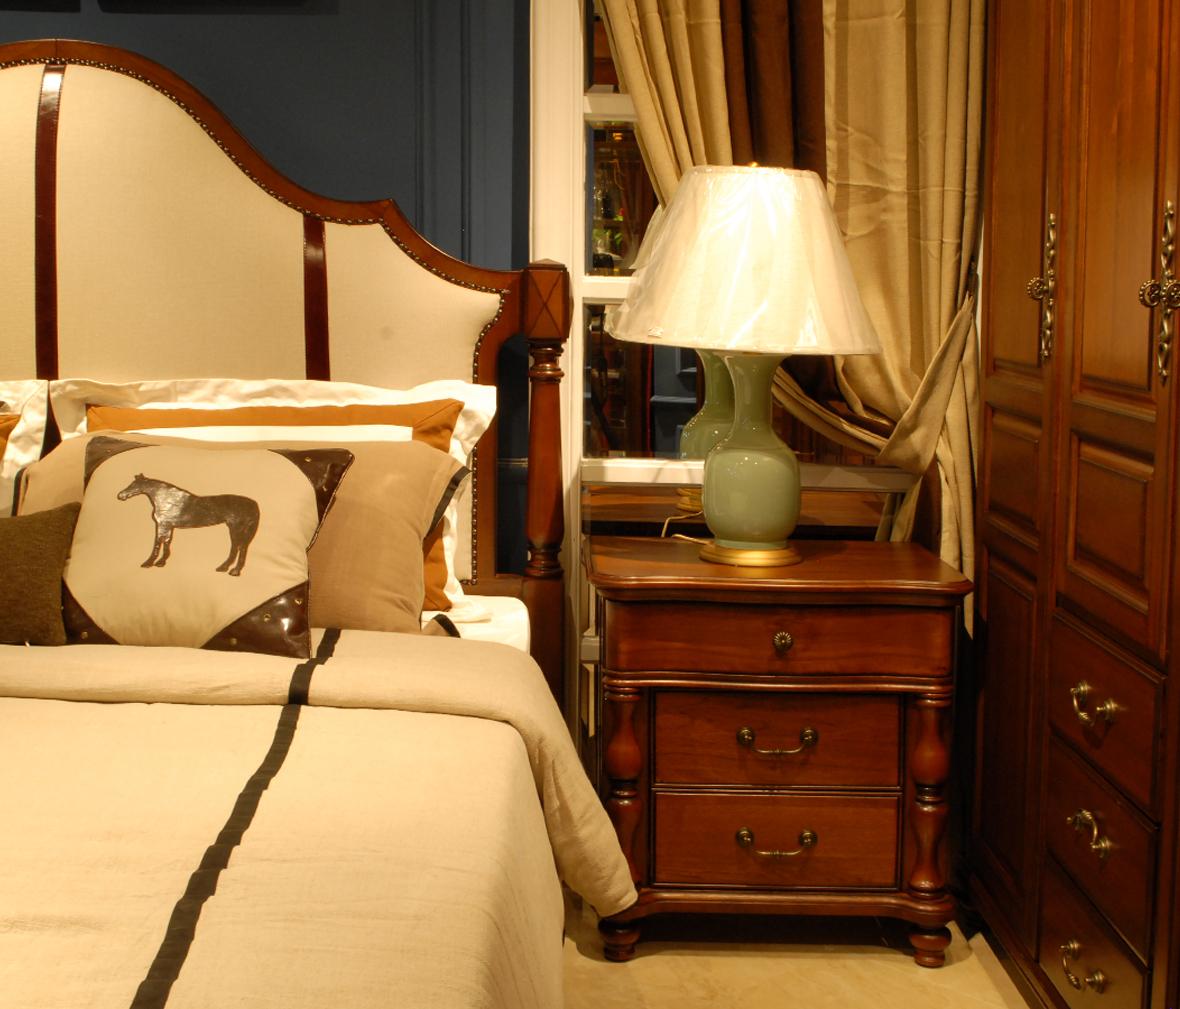 北卡罗 801-ctg型号 核桃木材质实木床头柜 柜子 实木家具图片